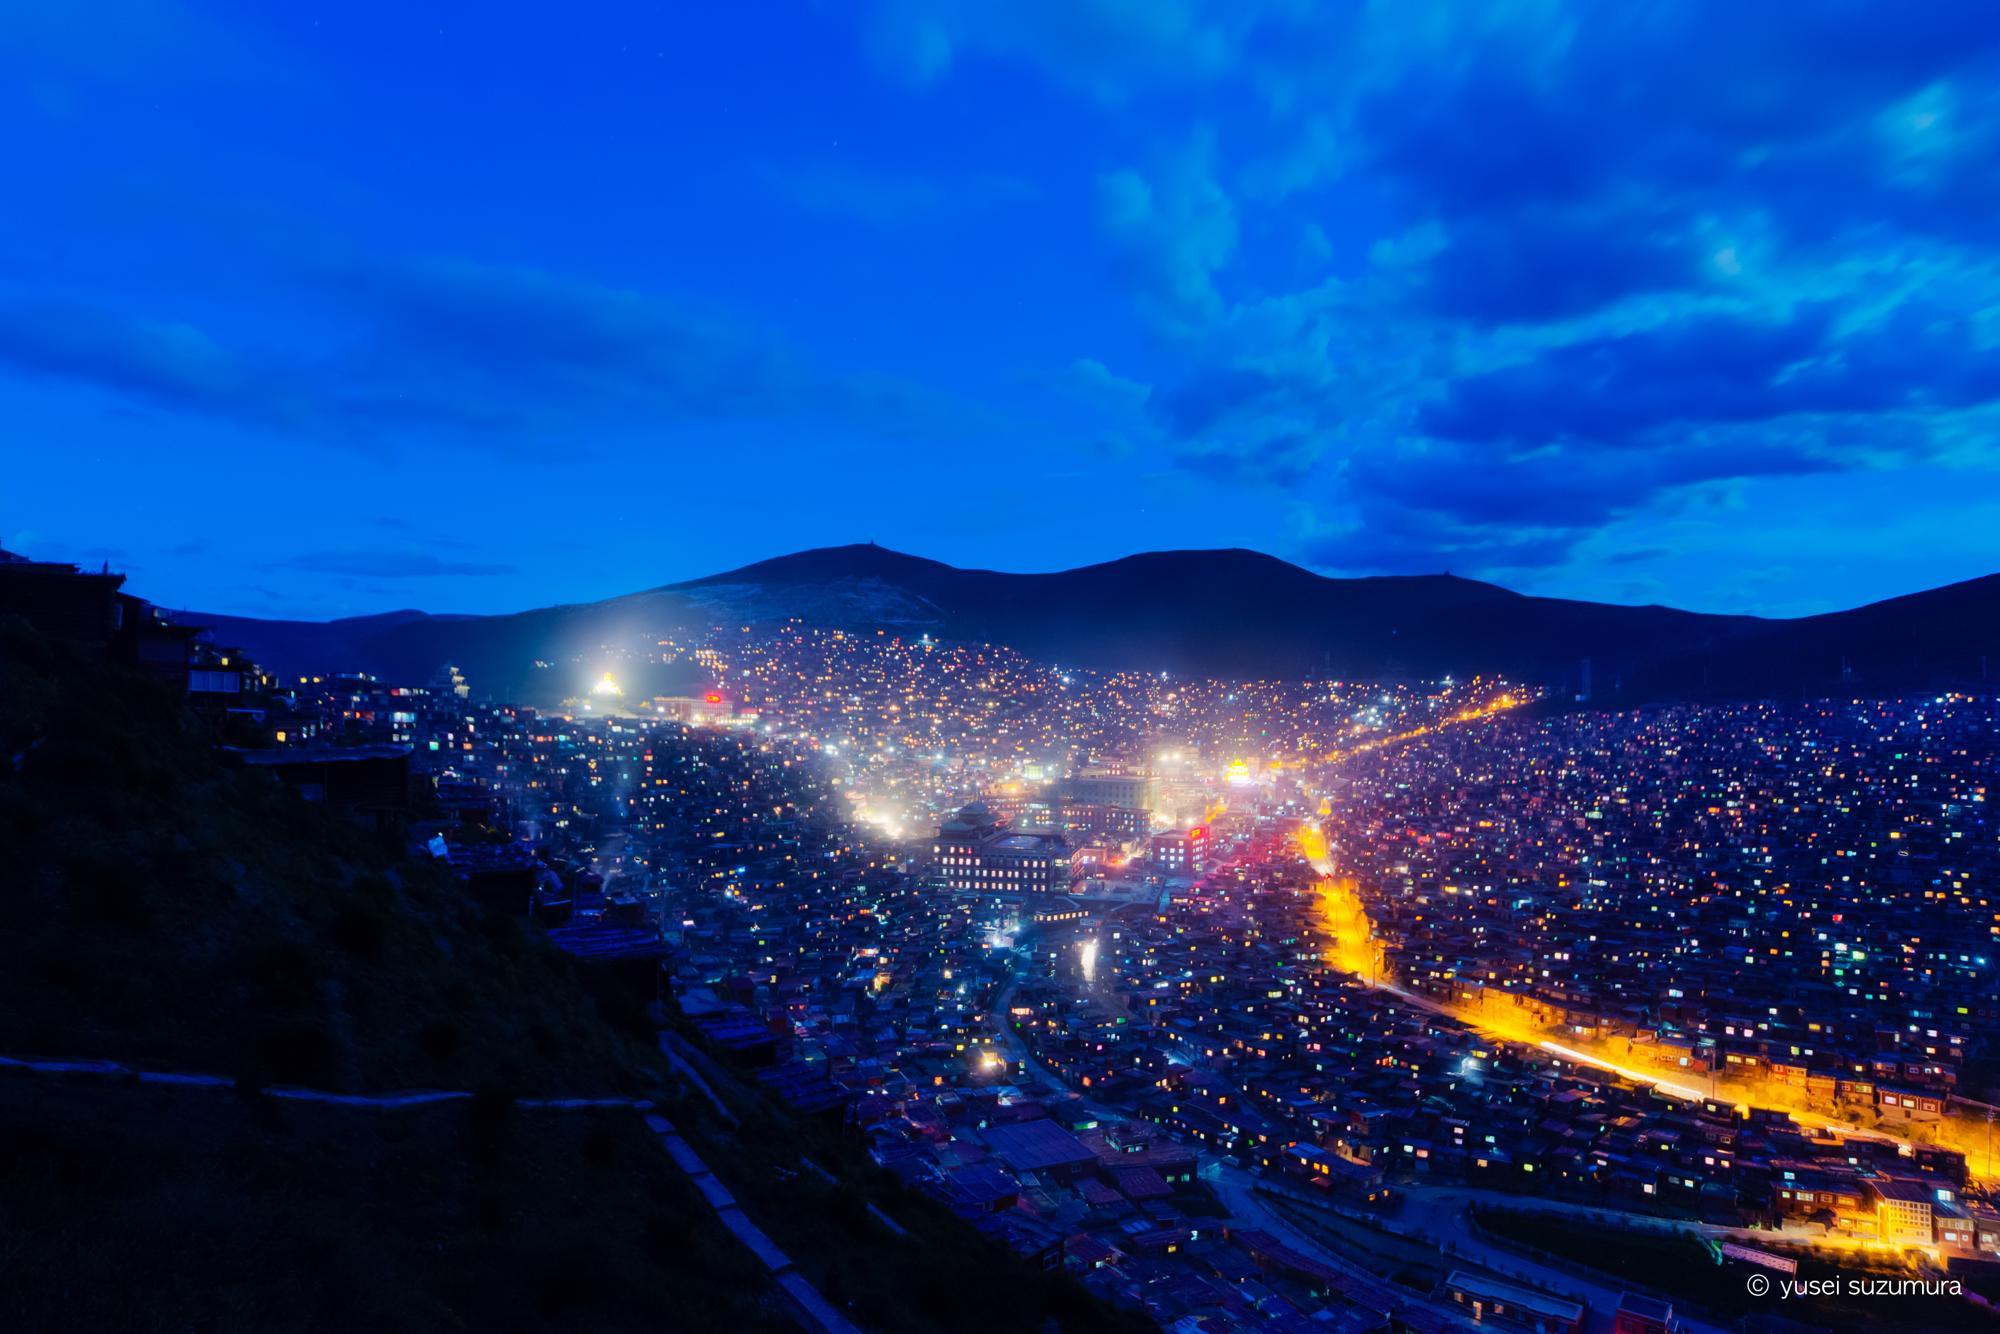 ラルンガルゴンパ 夜景